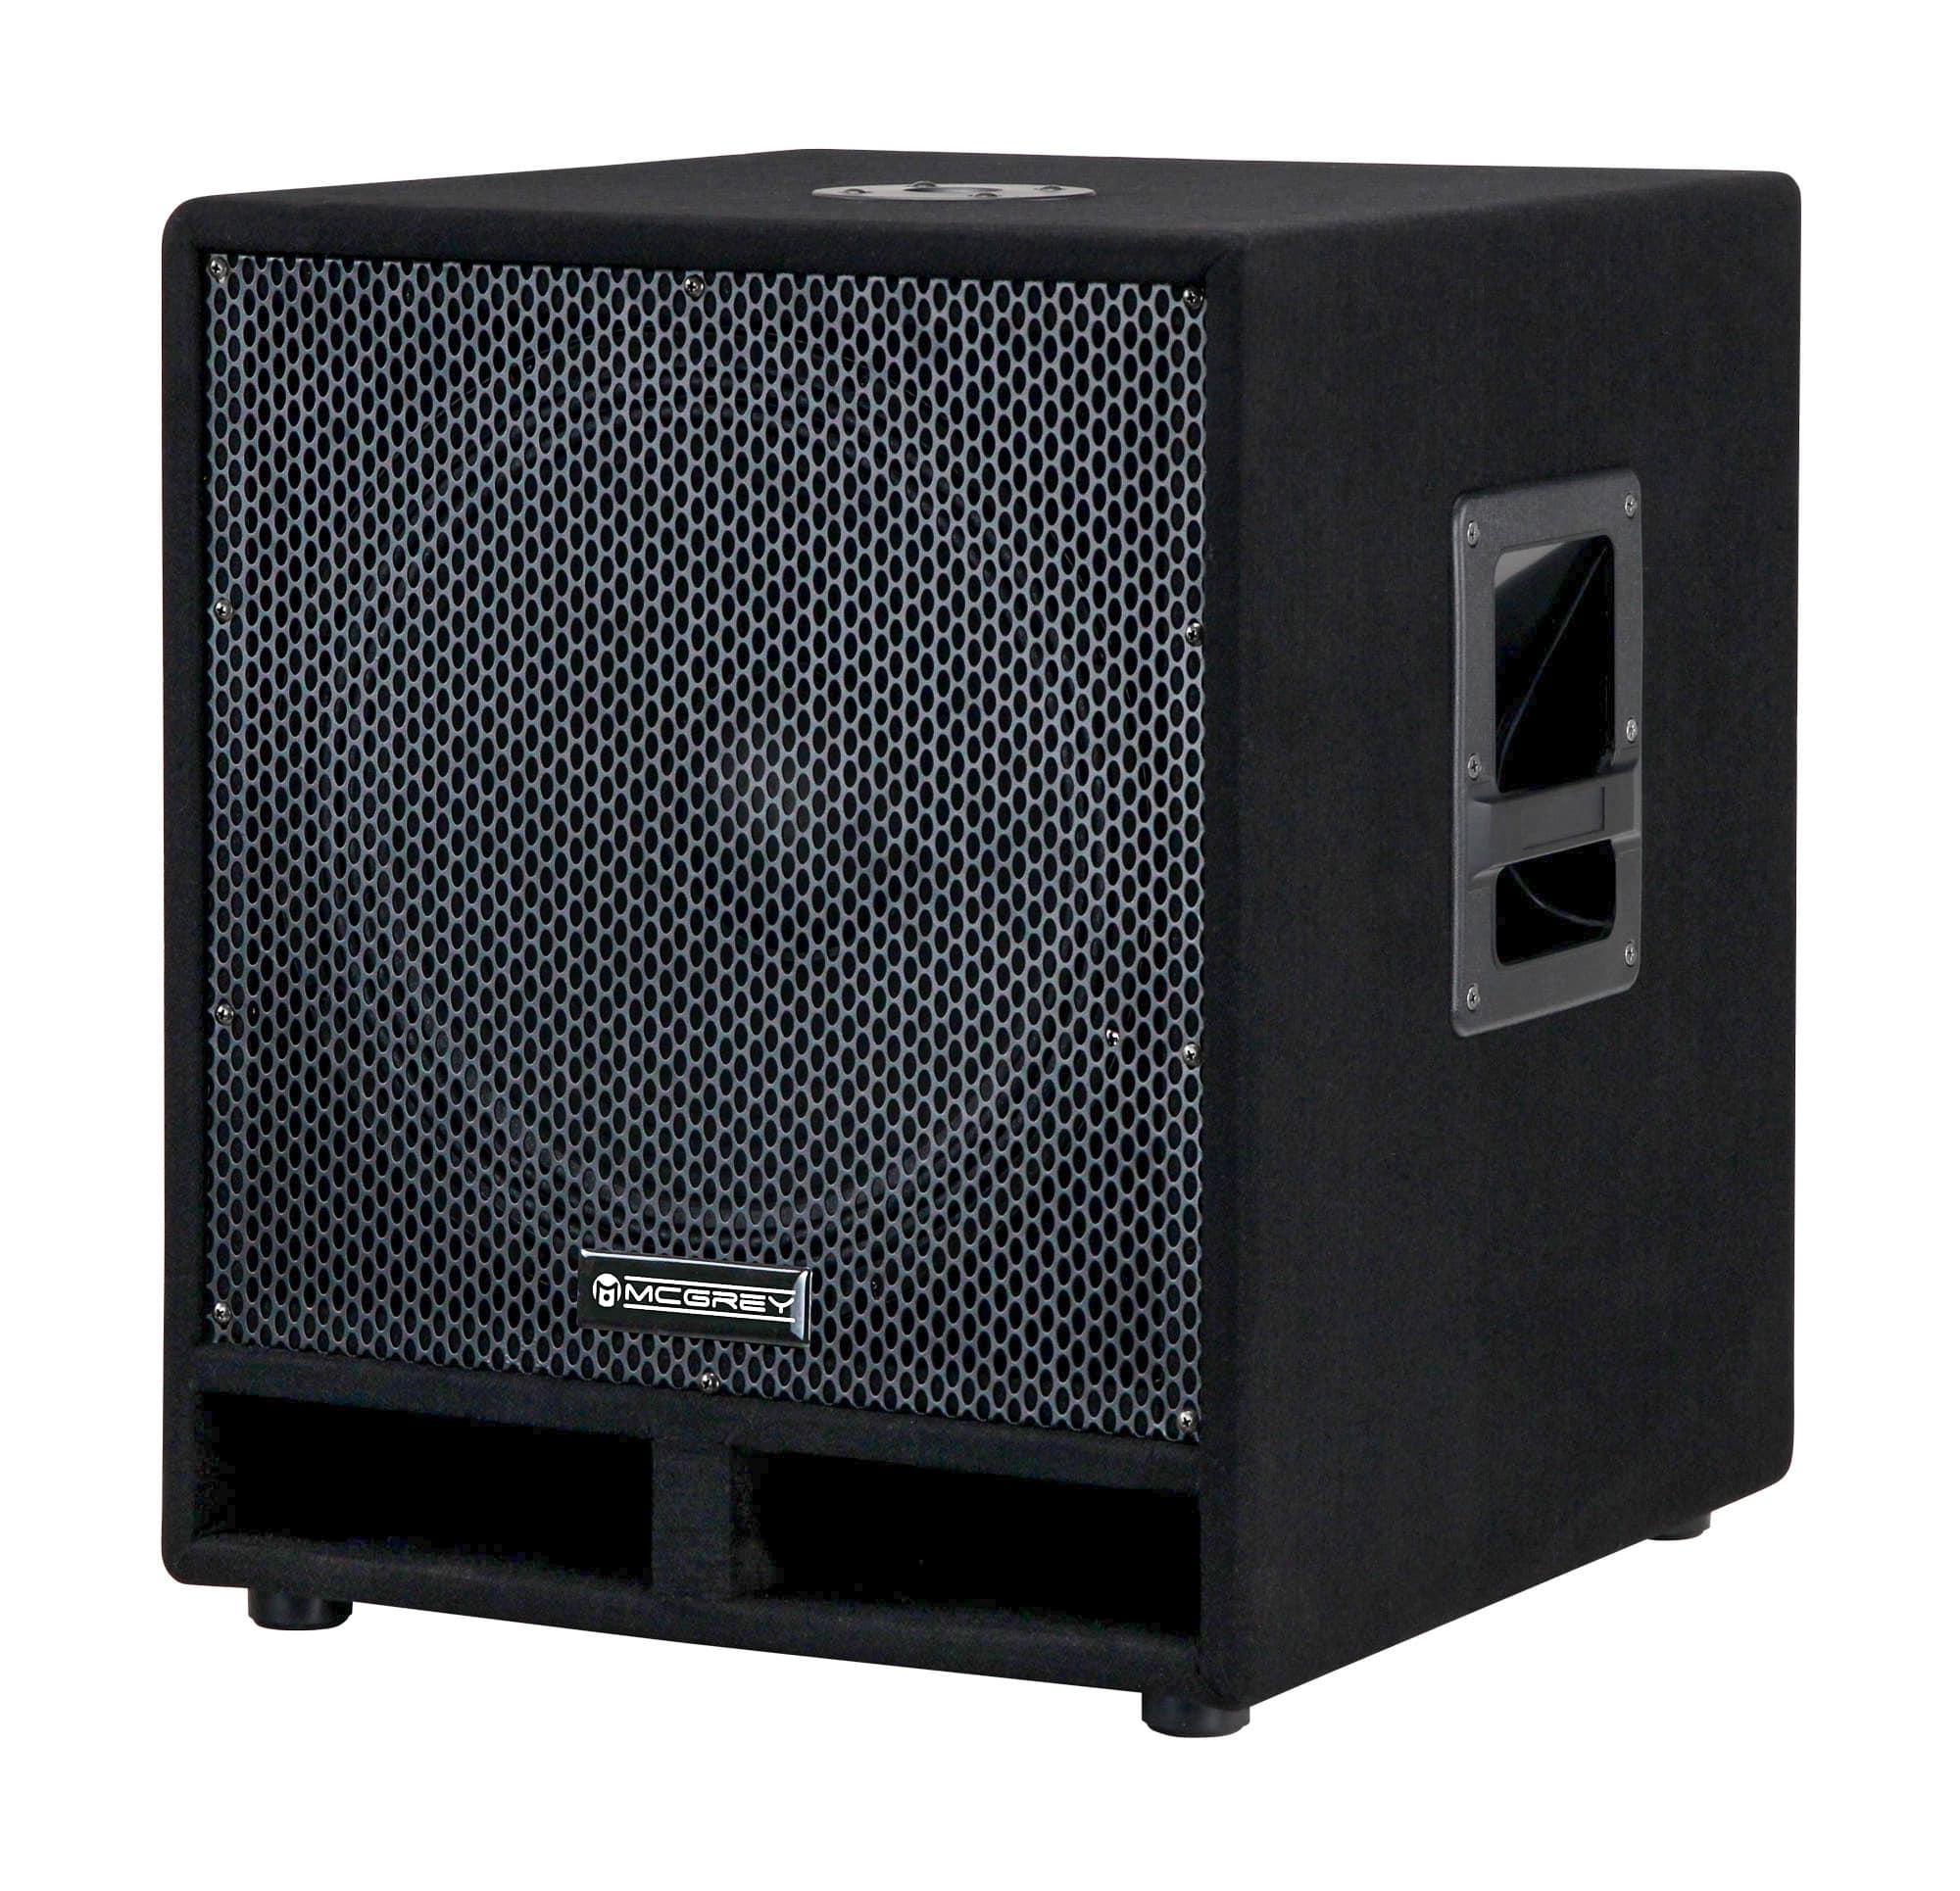 Pasubwoofer - McGrey PAS 115 15' passiver PA Subwoofer Bass Lautsprecher Box 1200 Watt - Onlineshop Musikhaus Kirstein